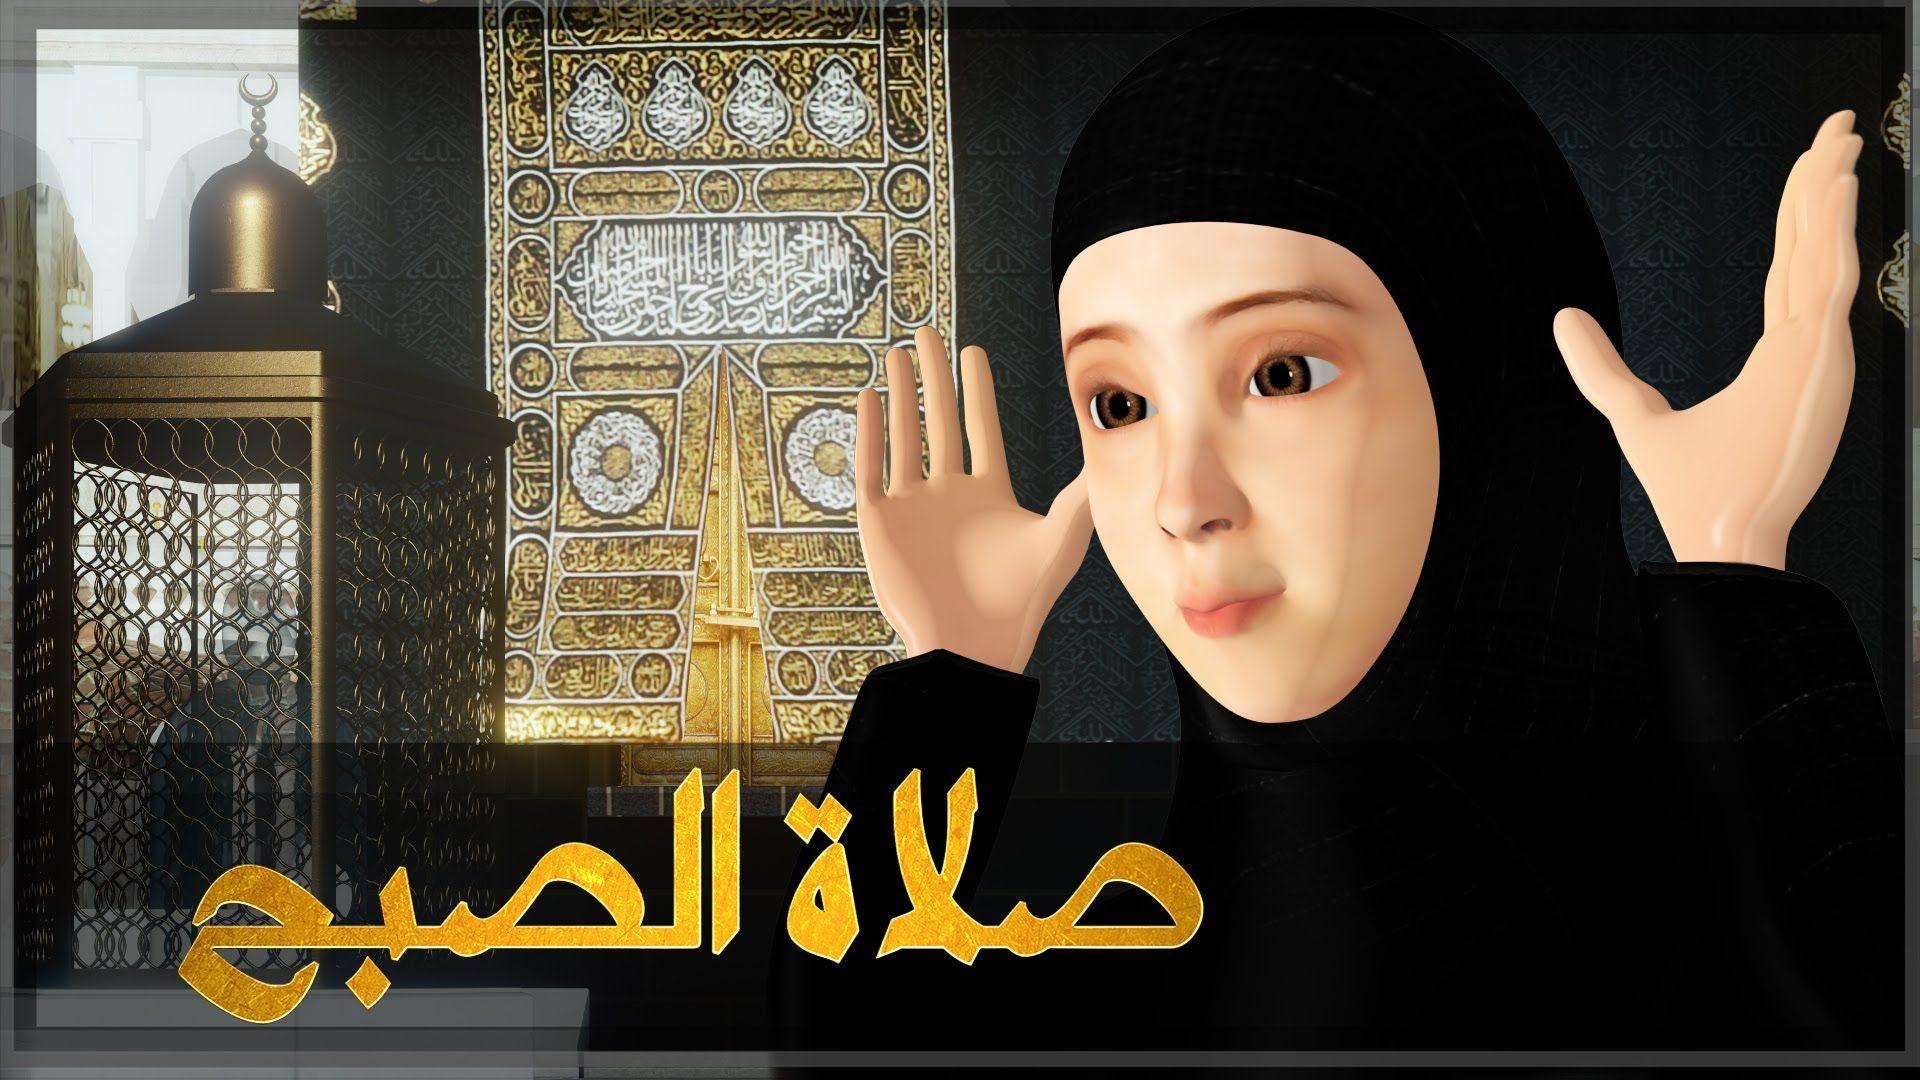 X202b تعليم صلاة الصبح كرتون للأطفال X202c Lrm Youtube Namaz Fajr Namaz Isha Namaz